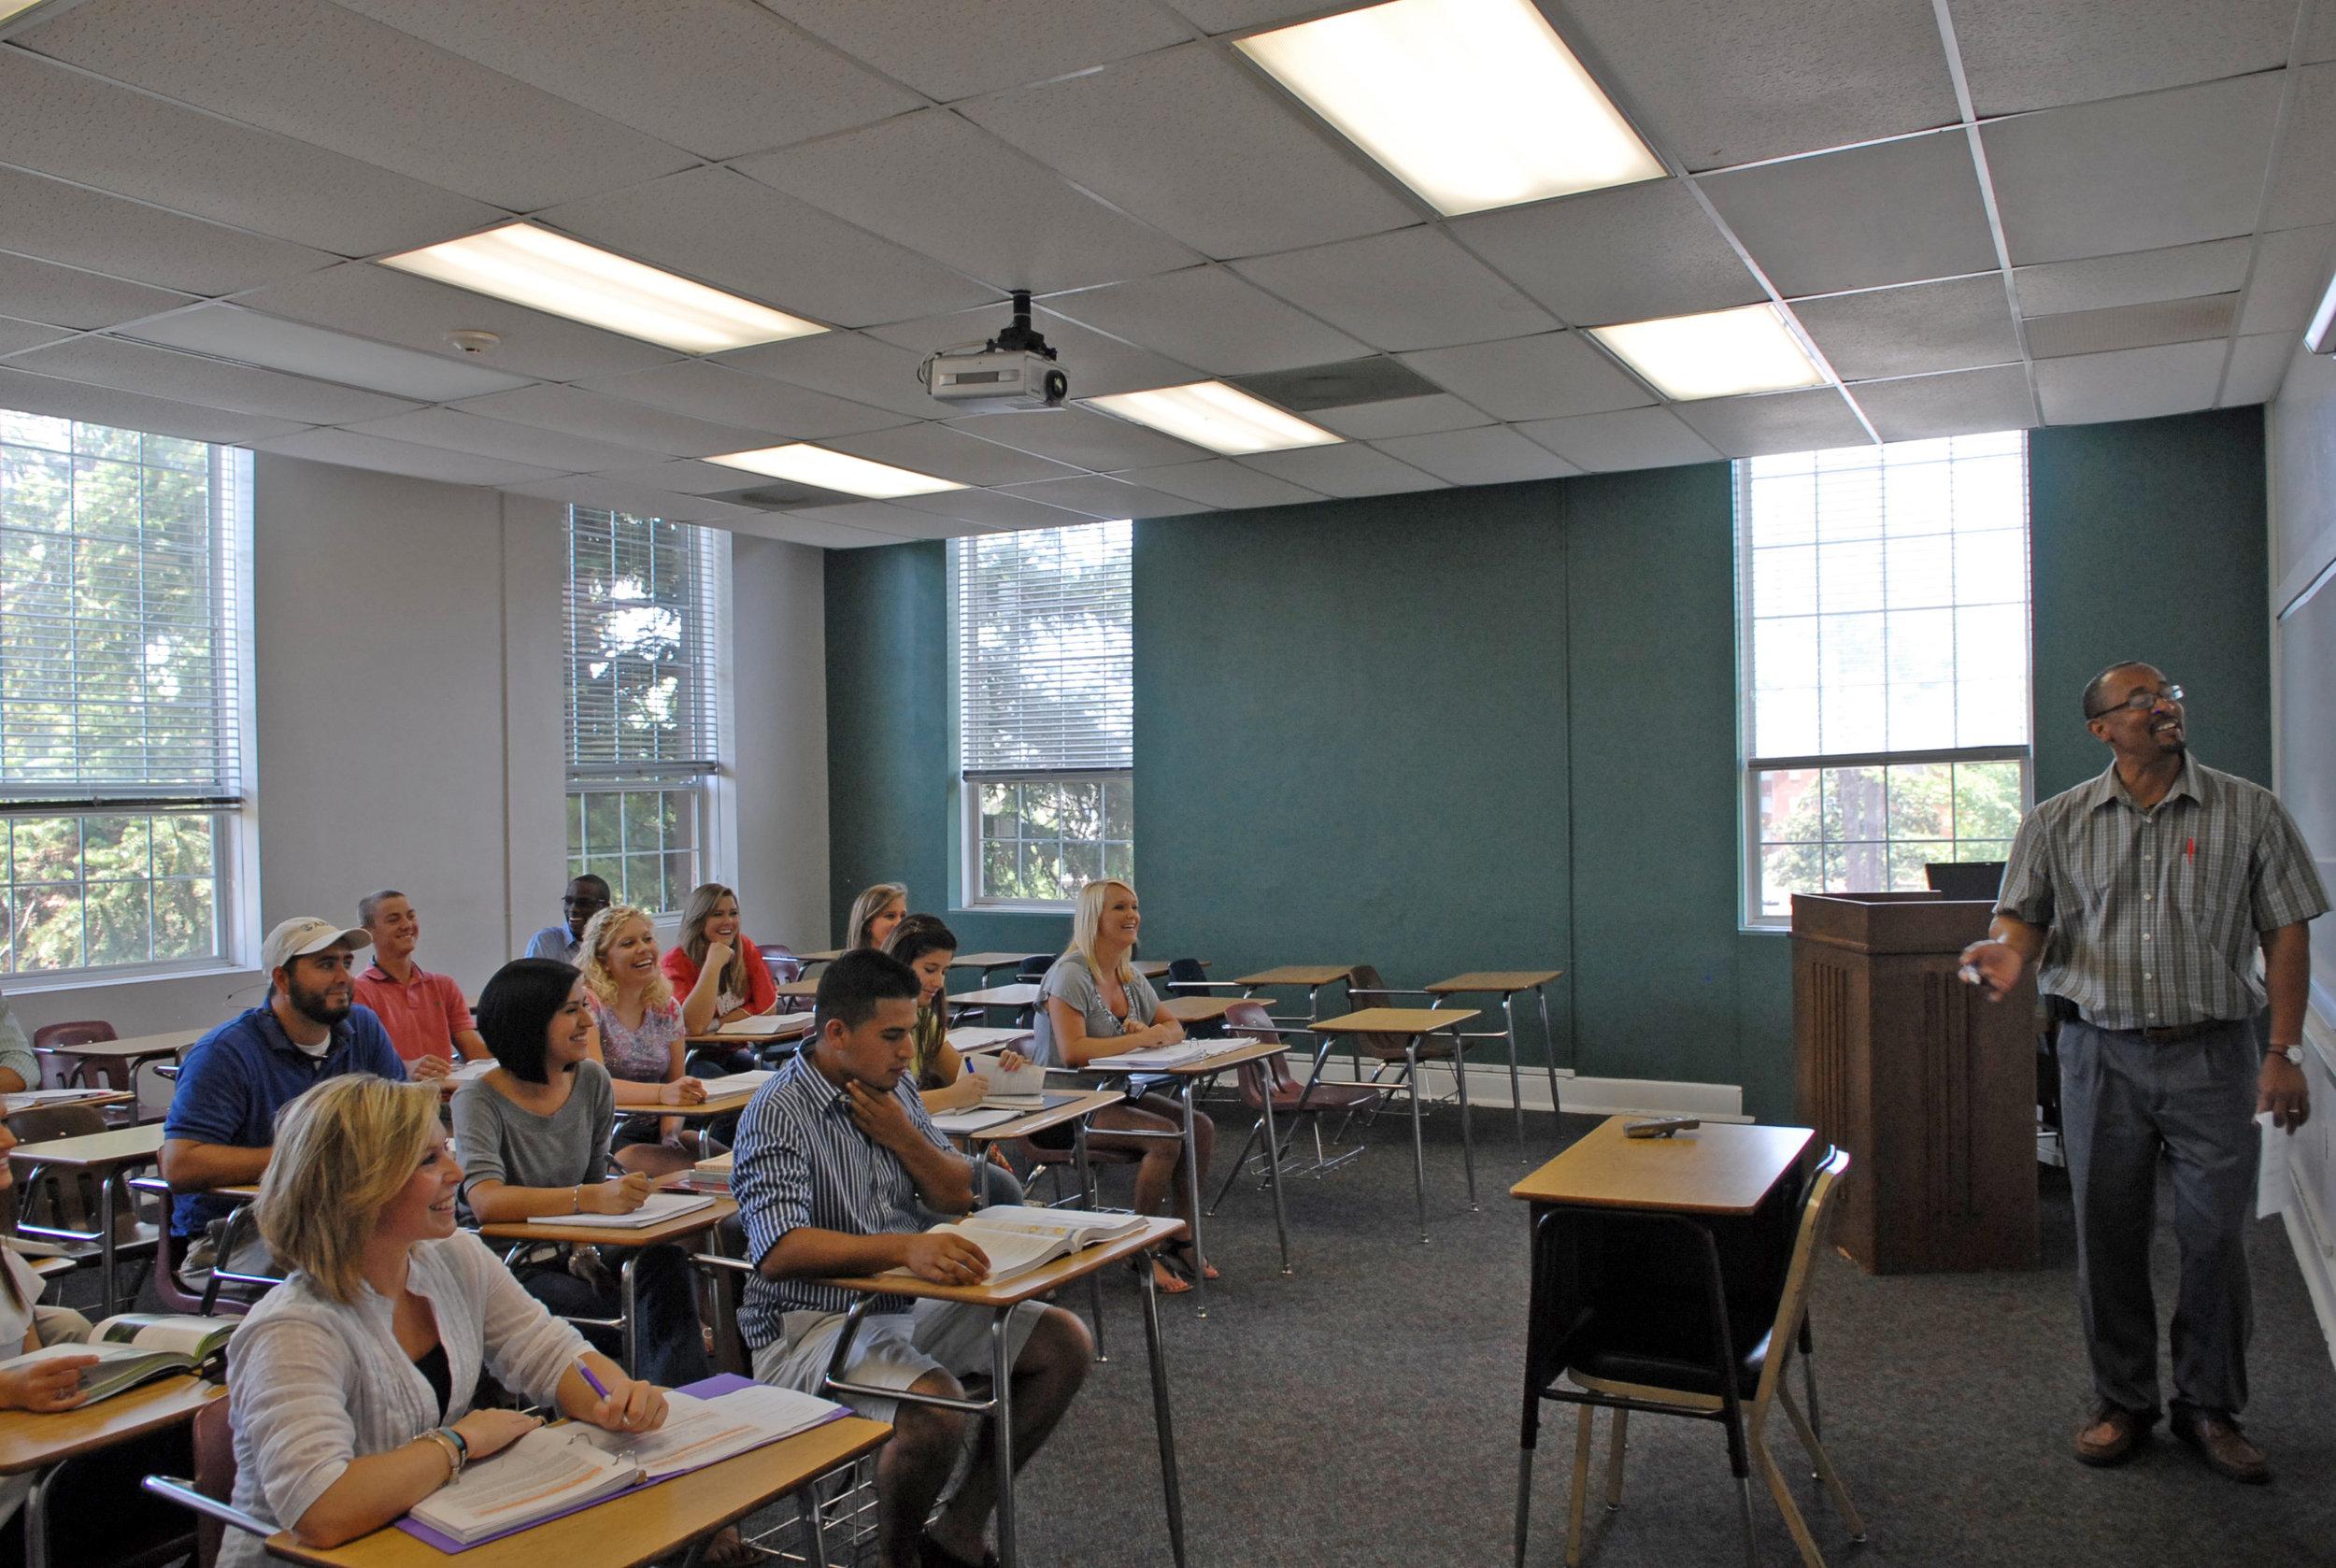 An industrial-era classroom